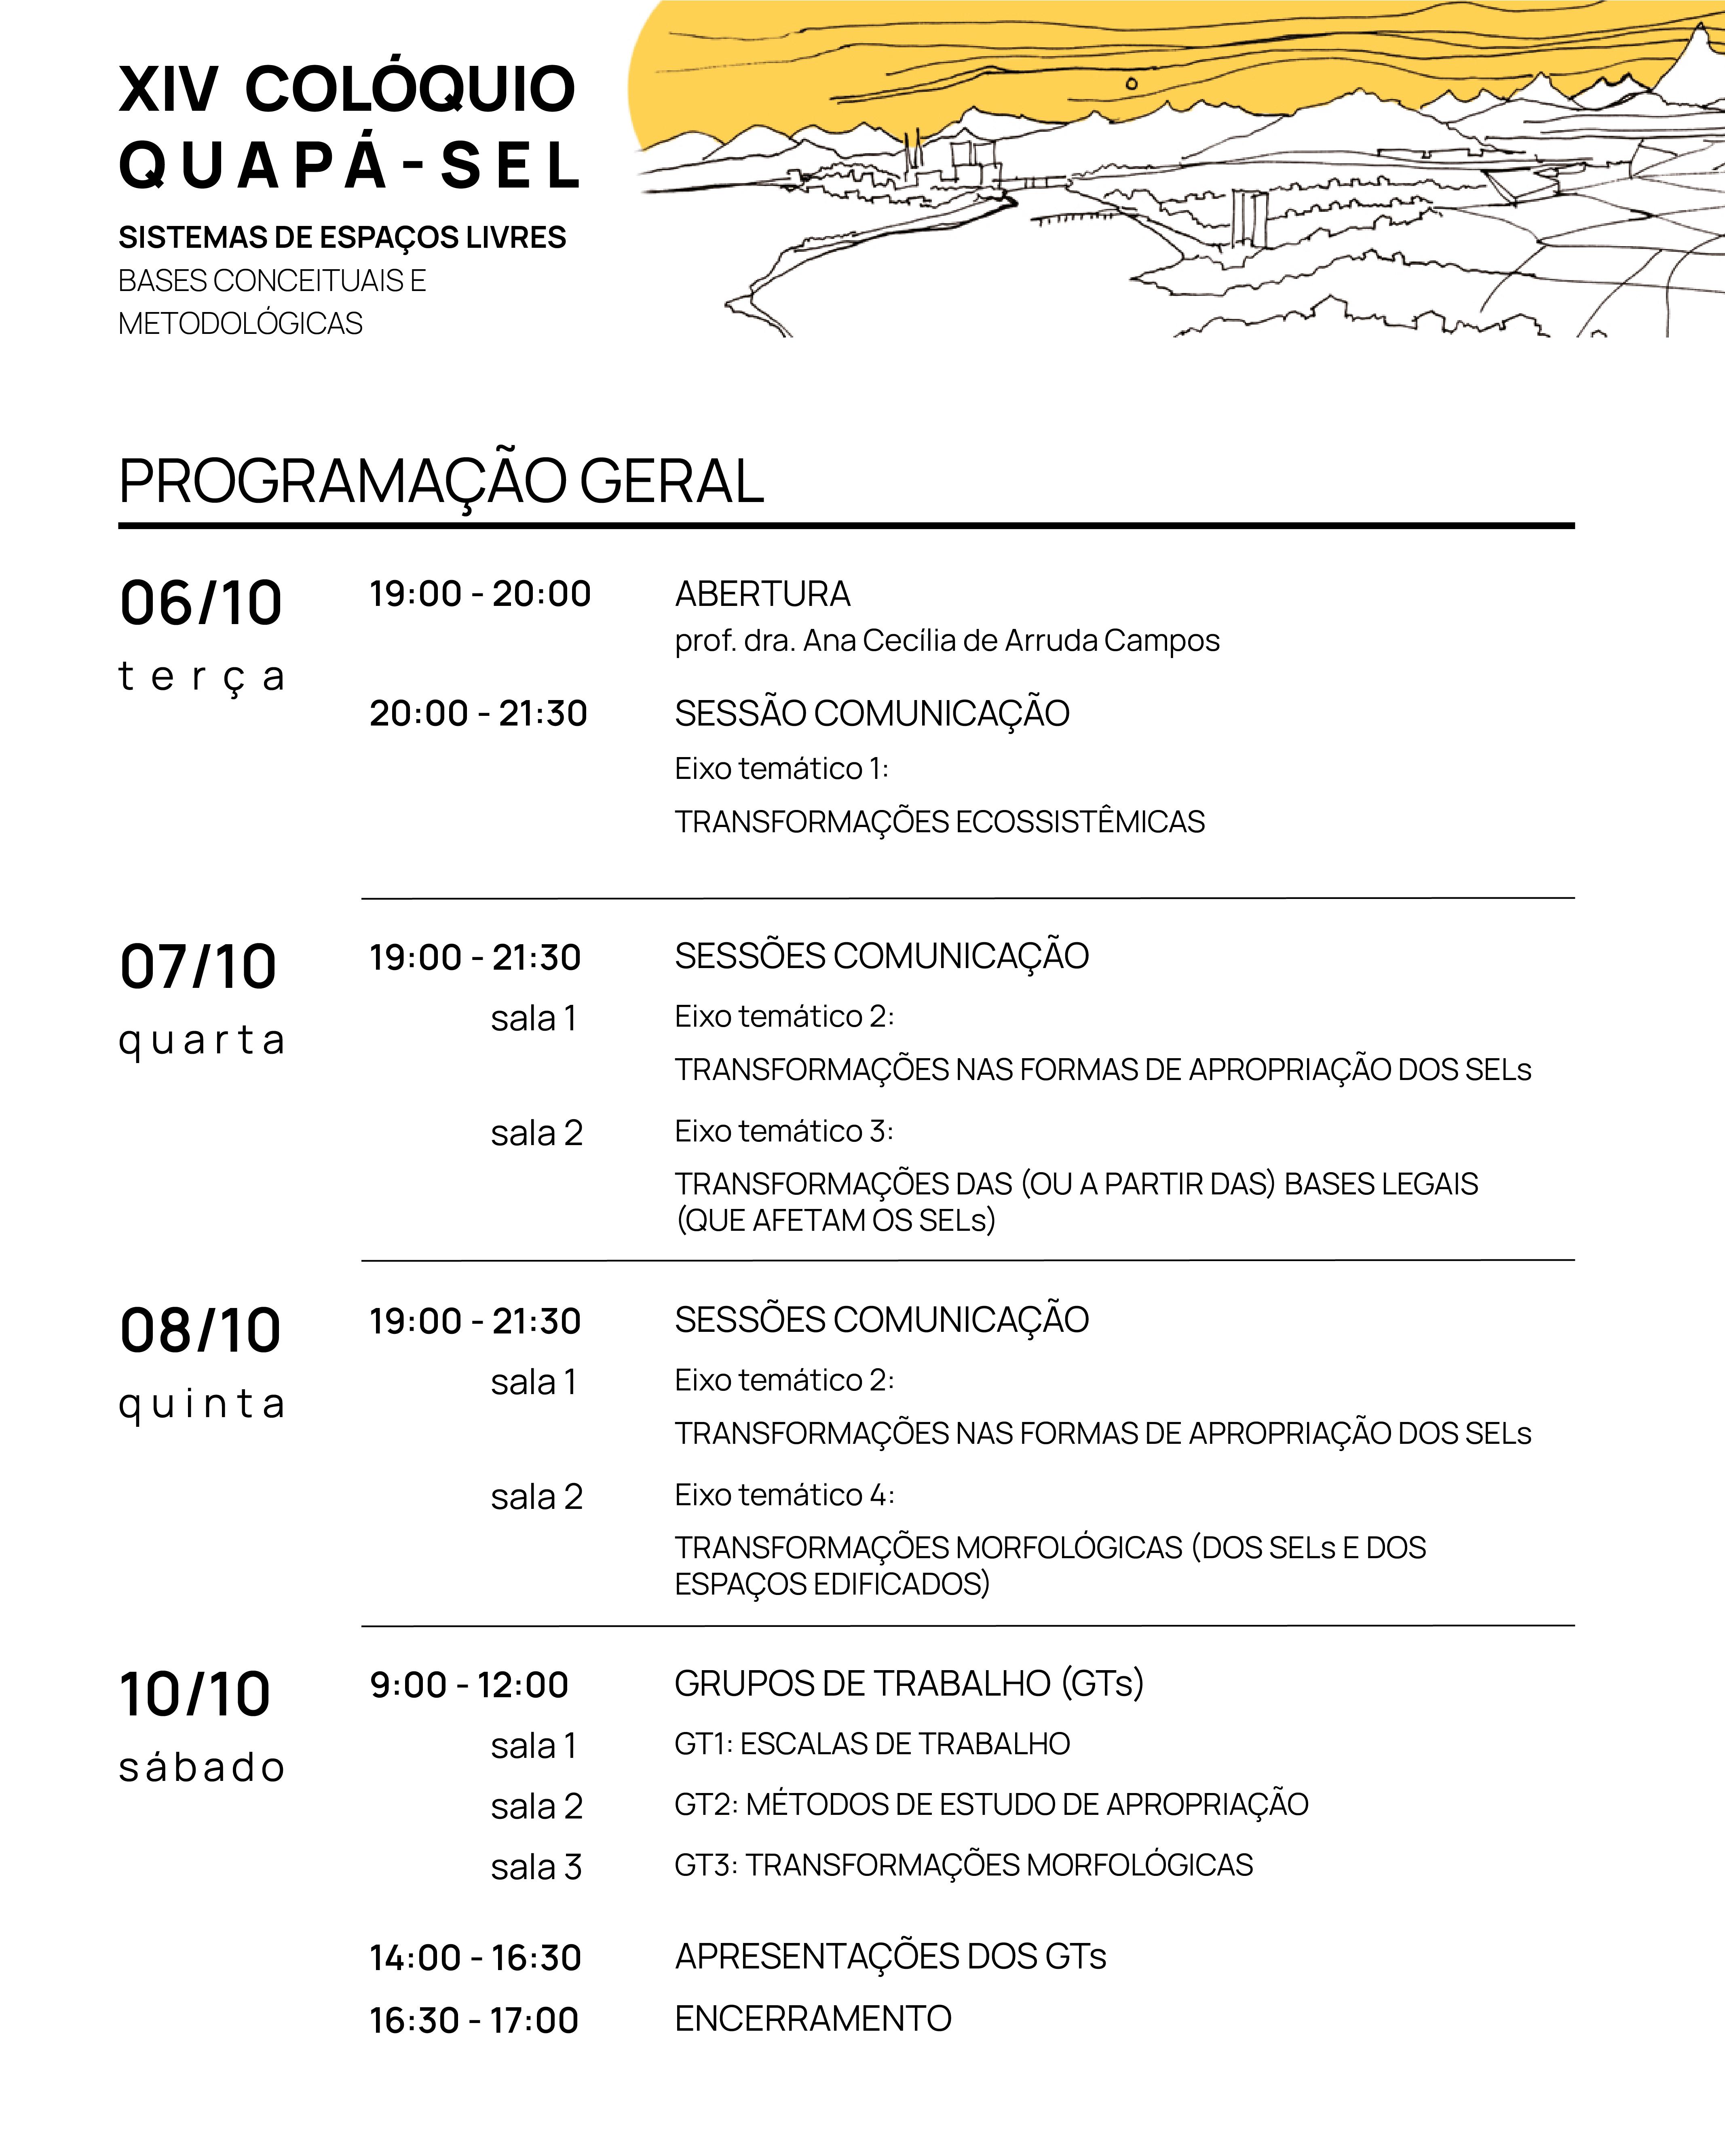 XIV-COLOQUIO_PROGRAMACAO-01